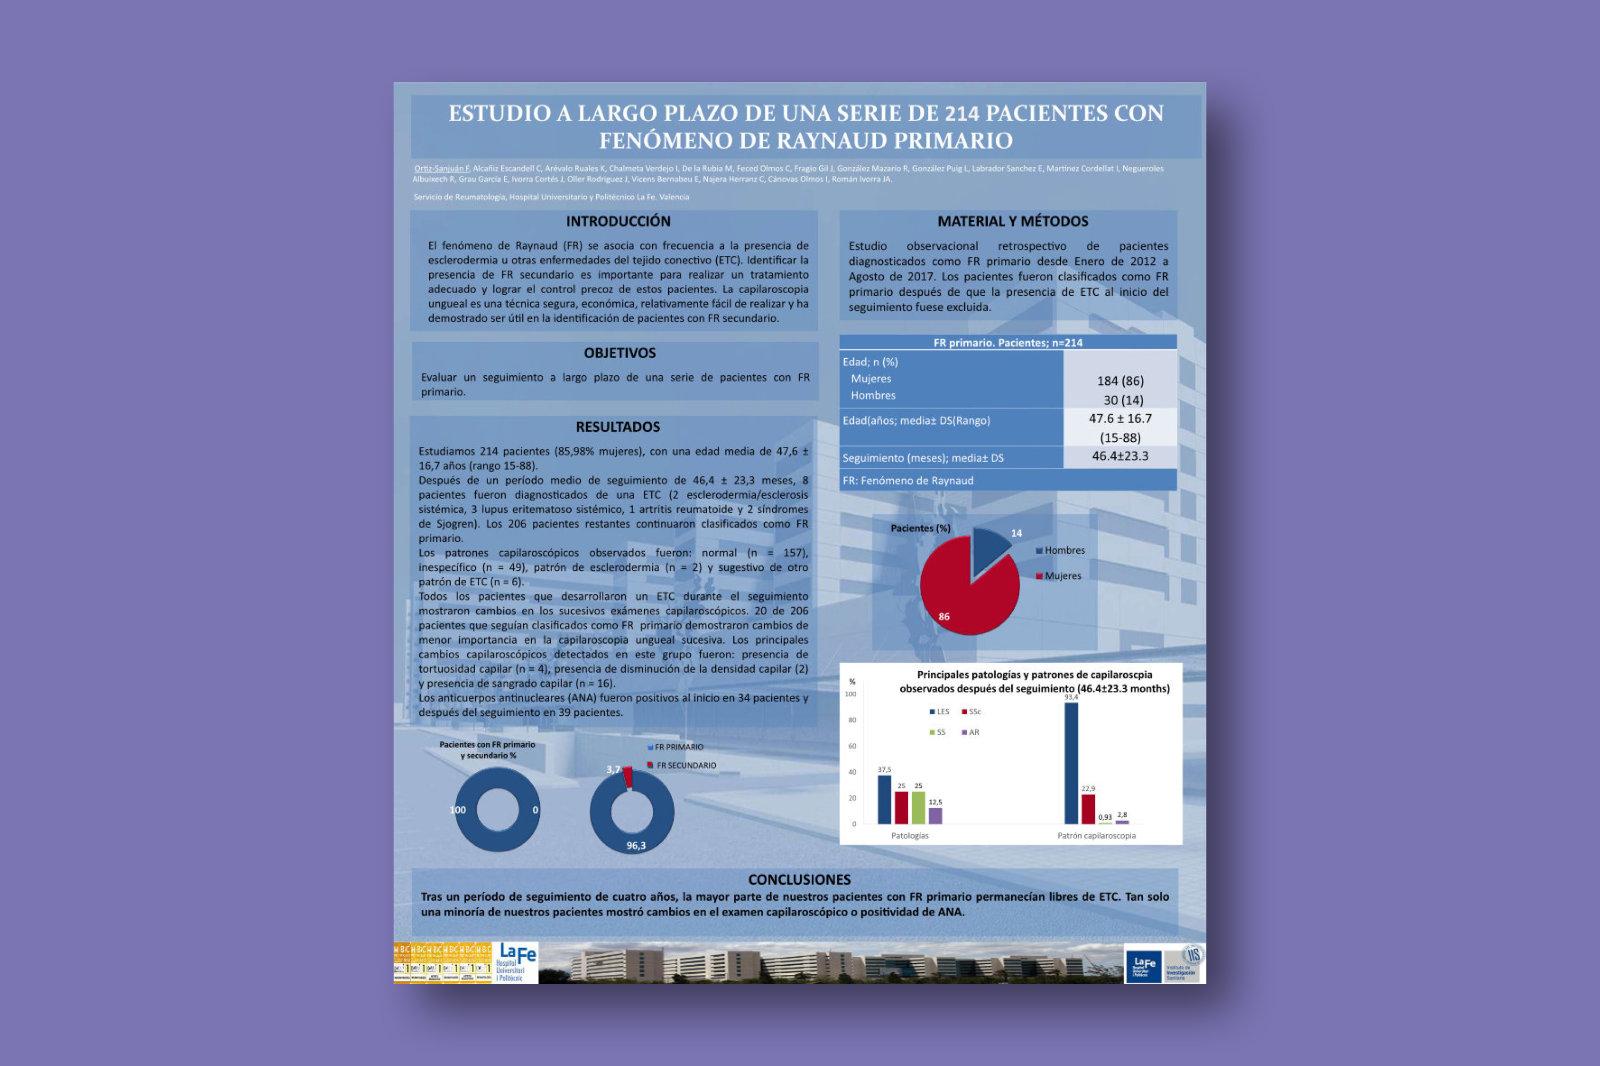 Estudio a largo plazo de una serie de 214 pacientes con Fenómeno de Raynaud Primario